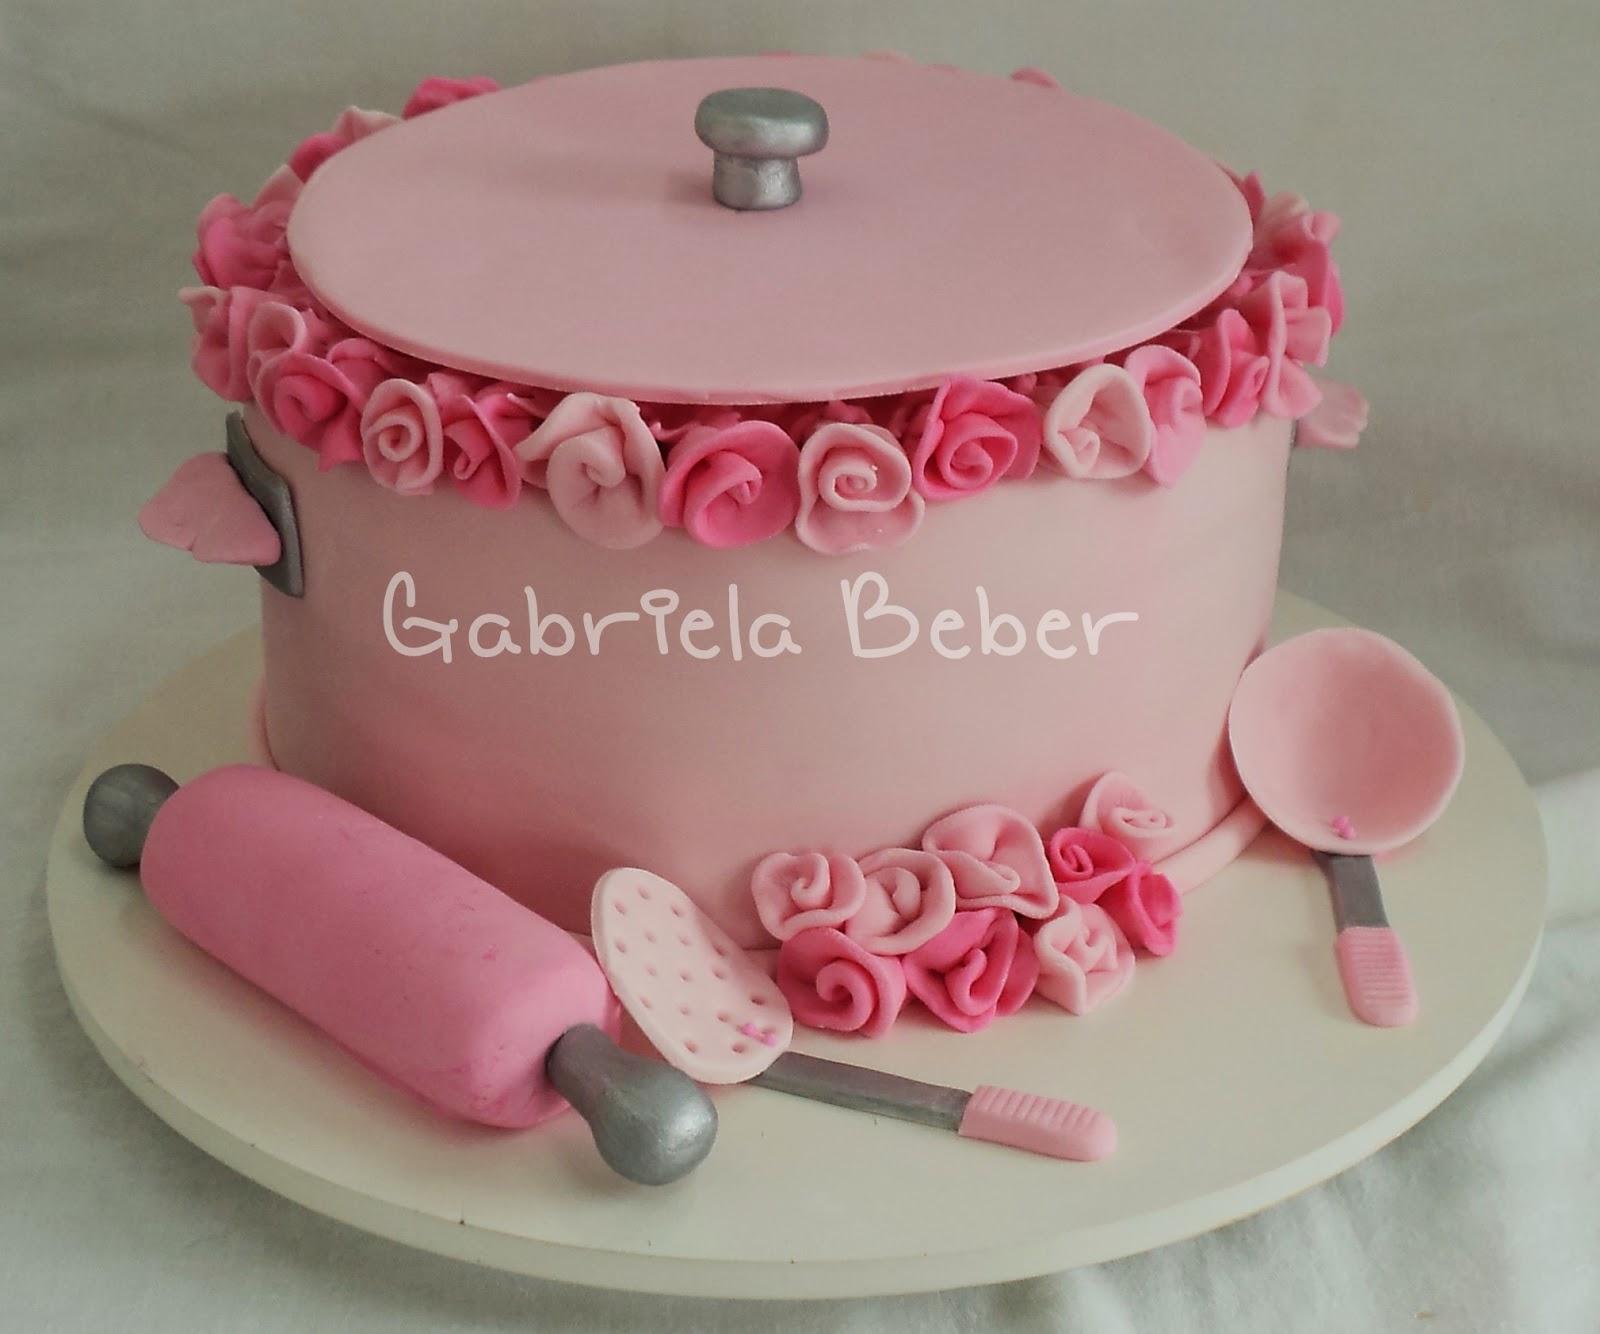 Cake Design For Pastor